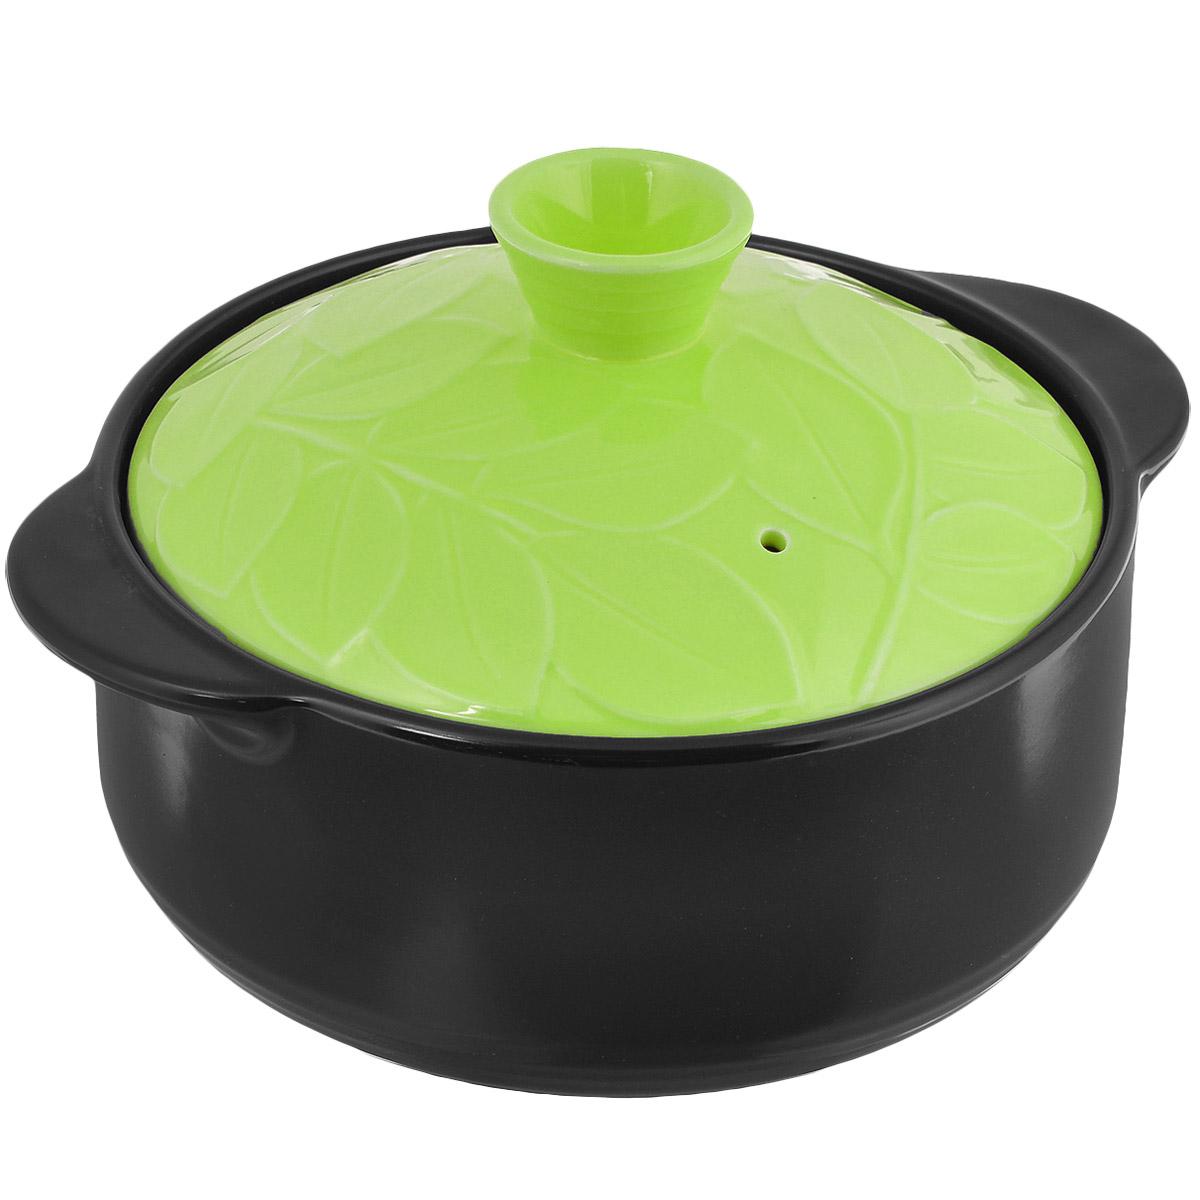 Кастрюля керамическая Hans & Gretchen с крышкой, цвет: зеленый, 1,1 л54 009312Кастрюля Hans & Gretchen изготовлена из экологически чистой жаропрочной керамики. Керамическая крышка кастрюли оснащена отверстием для выпуска пара. Кастрюля равномерно нагревает блюдо, долго сохраняя тепло и не выделяя абсолютно никаких примесей в пищу. Кастрюля не искажает, а даже усиливает вкус пищи. Крышка изделия оформлена рельефным изображением листьев. Превосходно служит для замораживания продуктов в холодильнике (до -20°С). Кастрюля устойчива к химическим и механическим воздействиям. Благодаря толстым стенкам изделие нагревается равномерно.Кастрюля Hans & Gretchen прекрасно подойдет для запекания и тушения овощей, мяса и других блюд, а оригинальный дизайн и яркое оформление украсят ваш стол.Можно мыть в посудомоечной машине. Кастрюля предназначена для использования на газовой и электрической плитах, в духовке и микроволновой печи. Не подходит для индукционных плит. Высота стенки: 7,5 см.Ширина кастрюли (с учетом ручек): 21 см.Толщина дна: 5 мм.Толщина стенки: 5 мм.